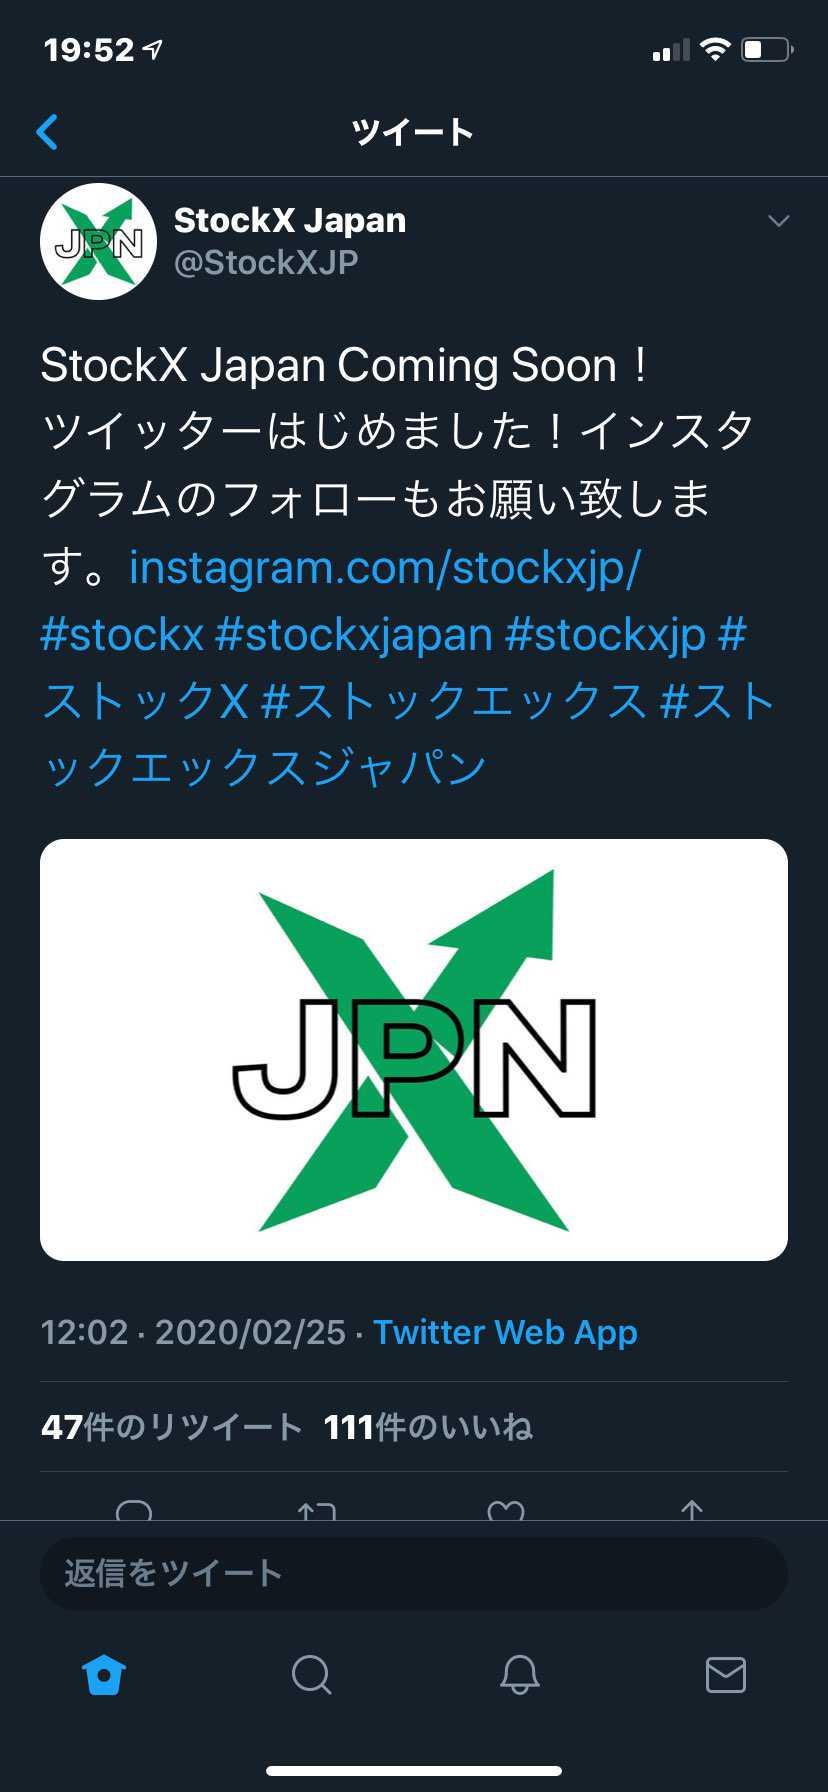 春には本格始動ですかね👍 ってよりスットコが日本語でTwitter始めましたっ